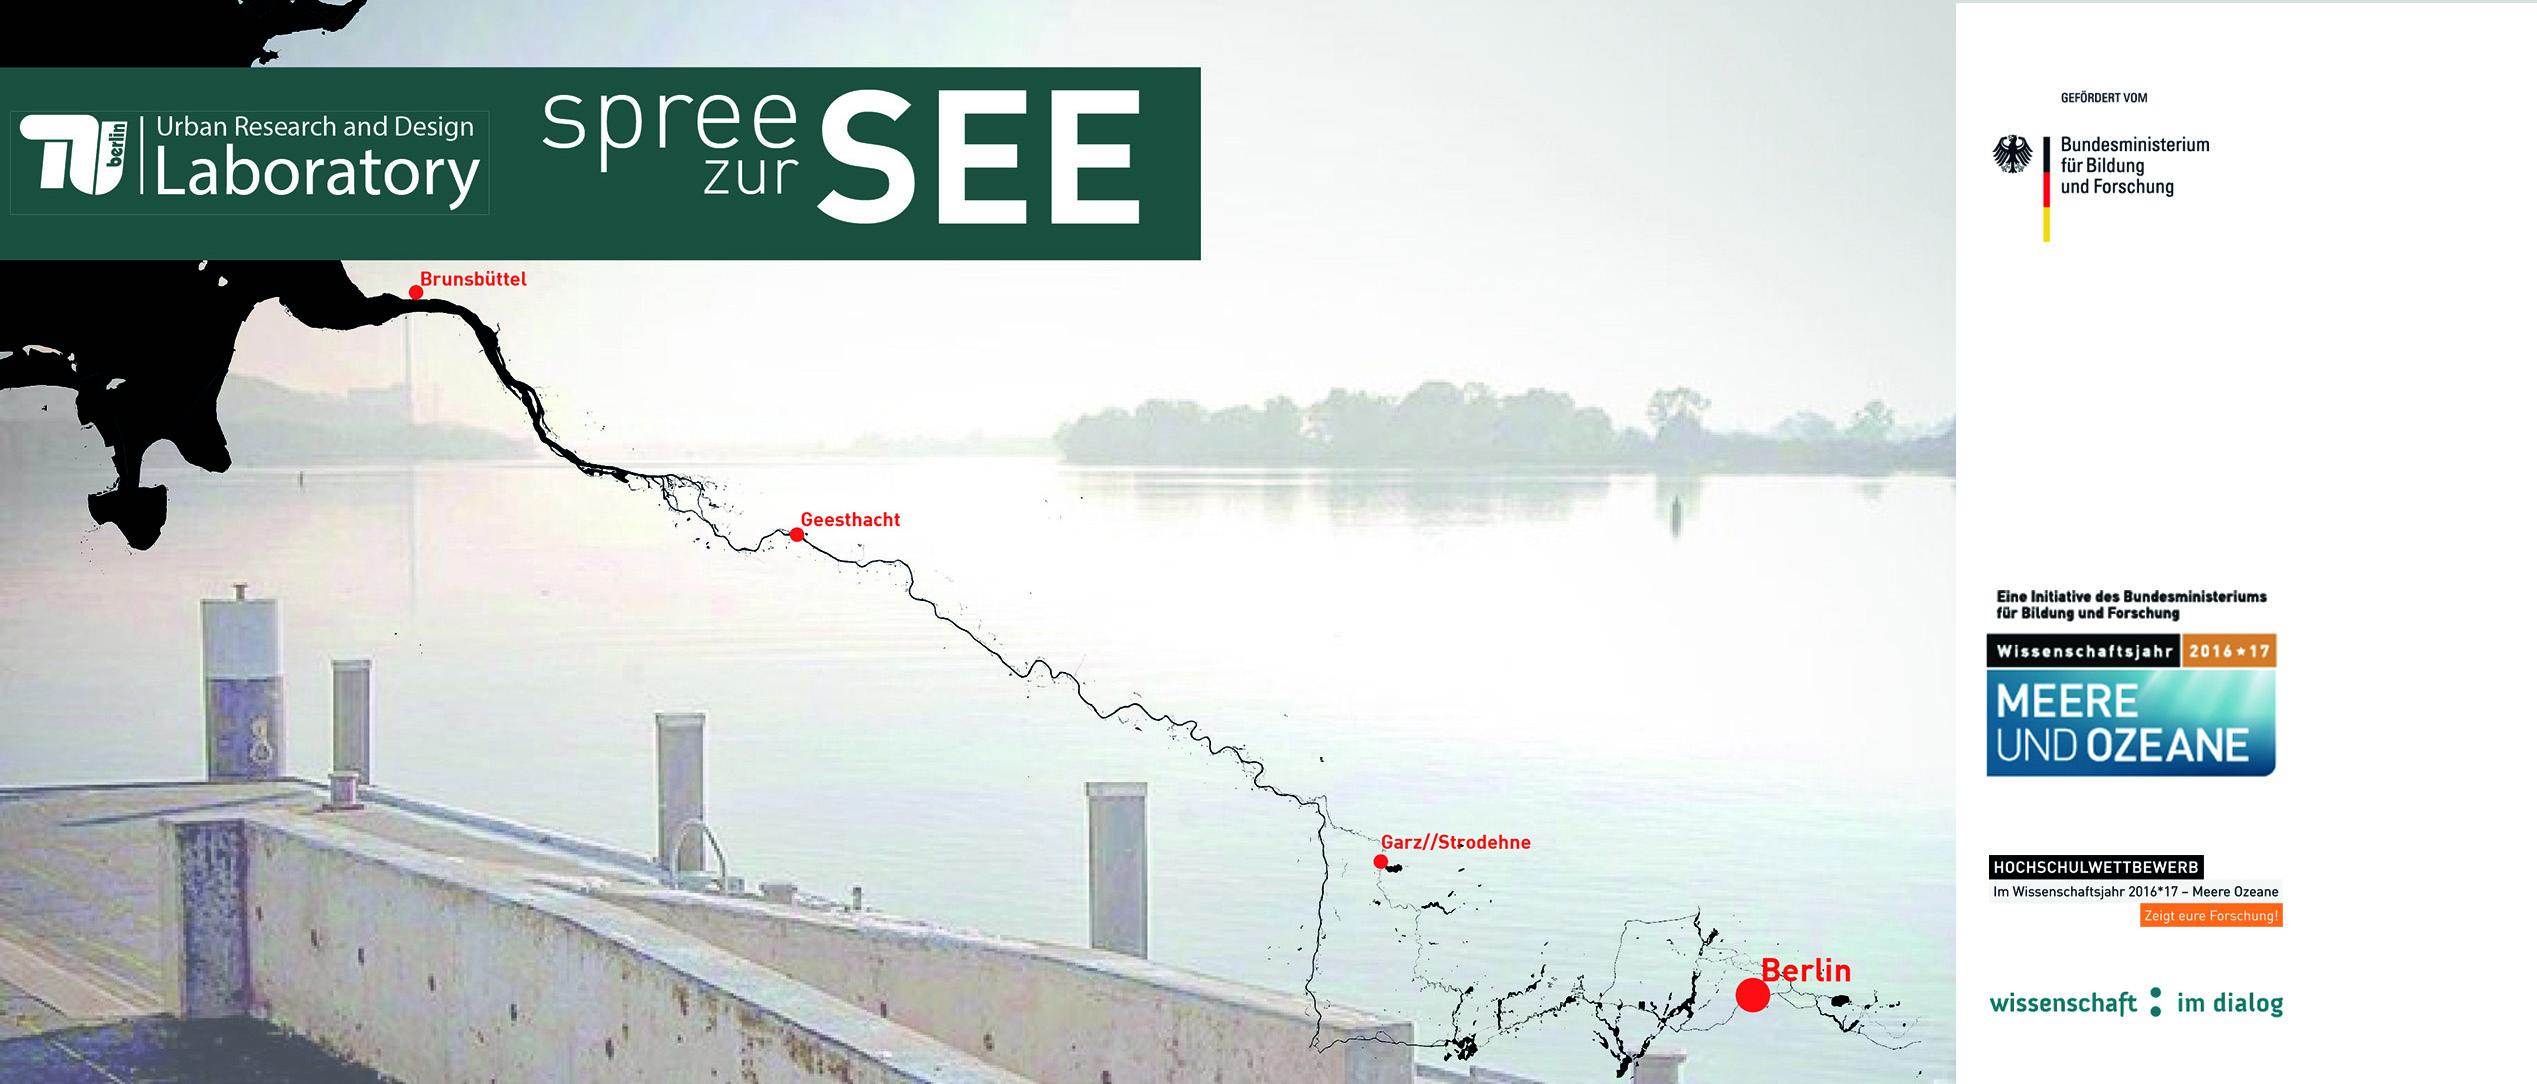 Forschungsreise von der Spree zur See 19-24 Juni!